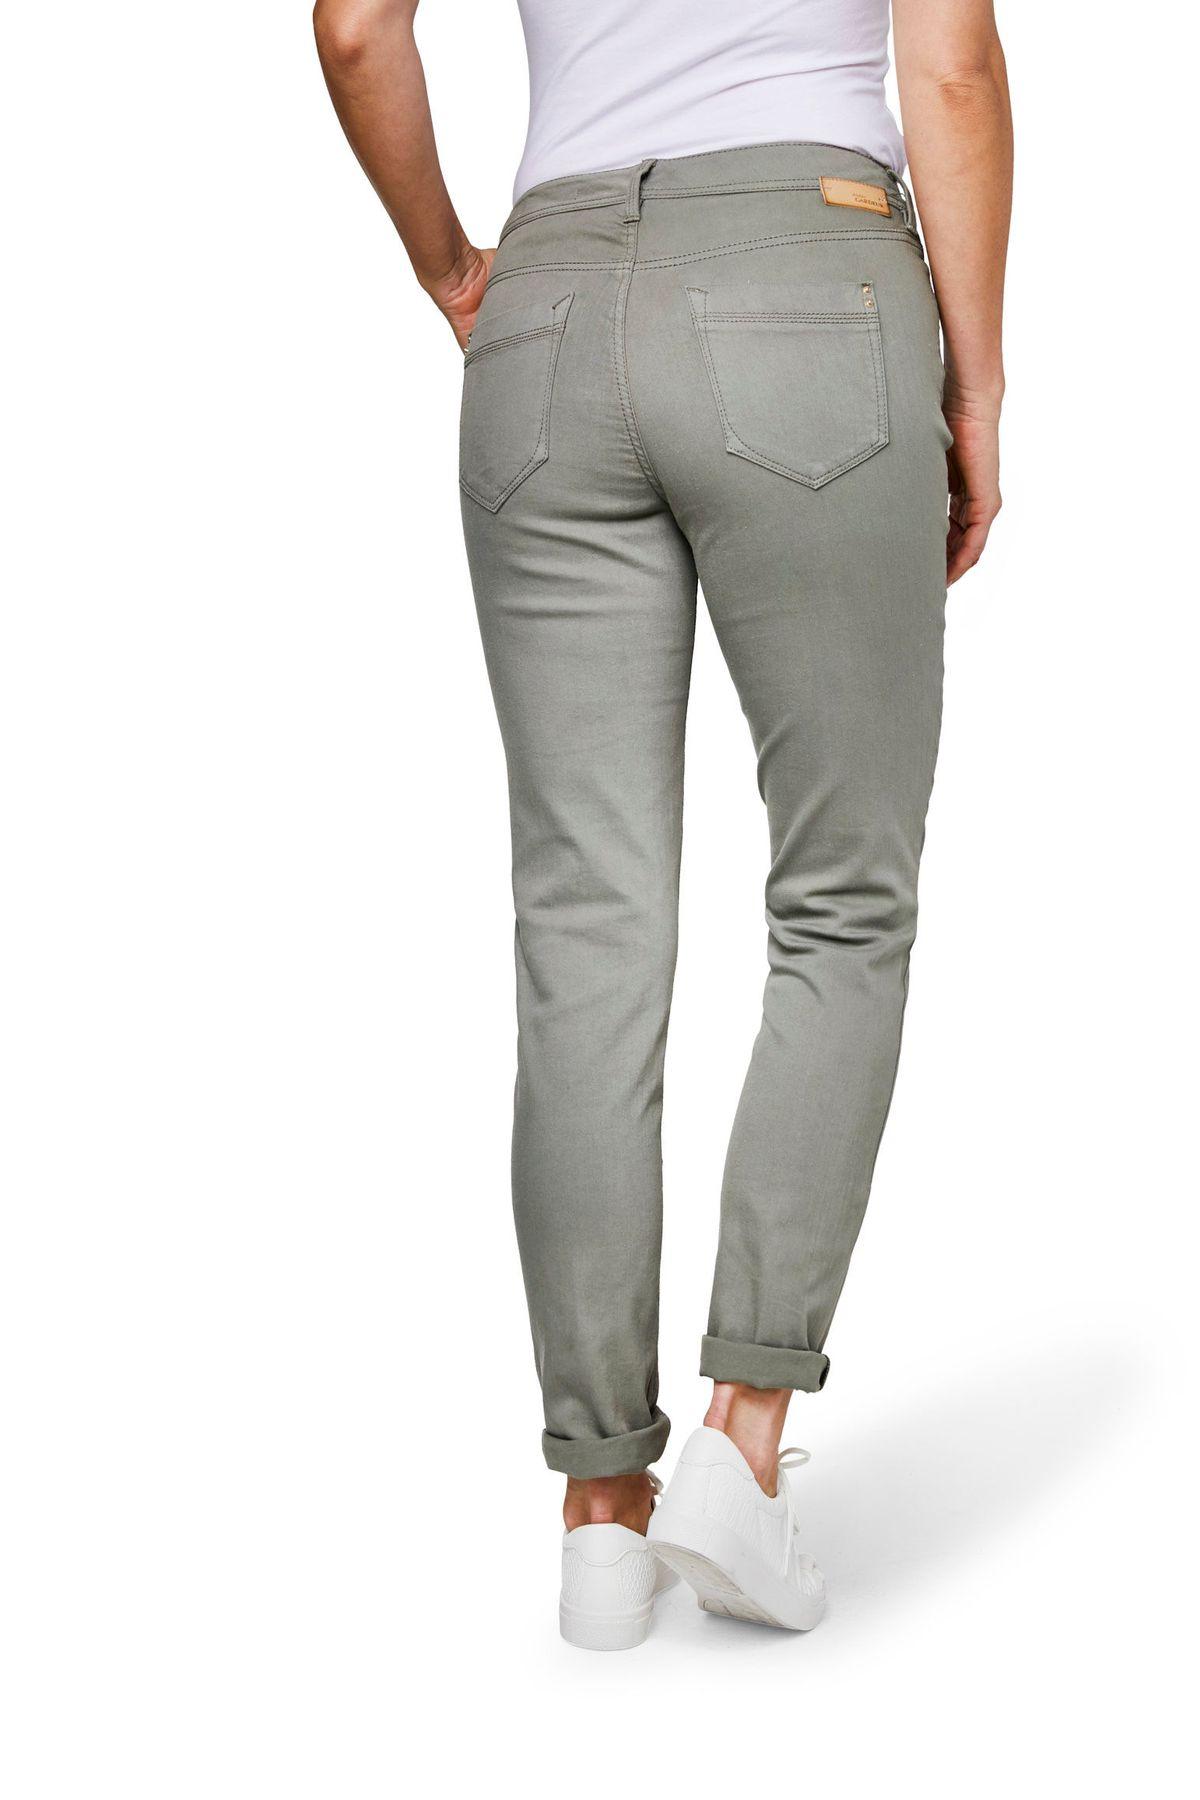 Atelier Gardeur - Slim Fit - Damen 5-Pocket Jeans, Zuri108 (080421) – Bild 19